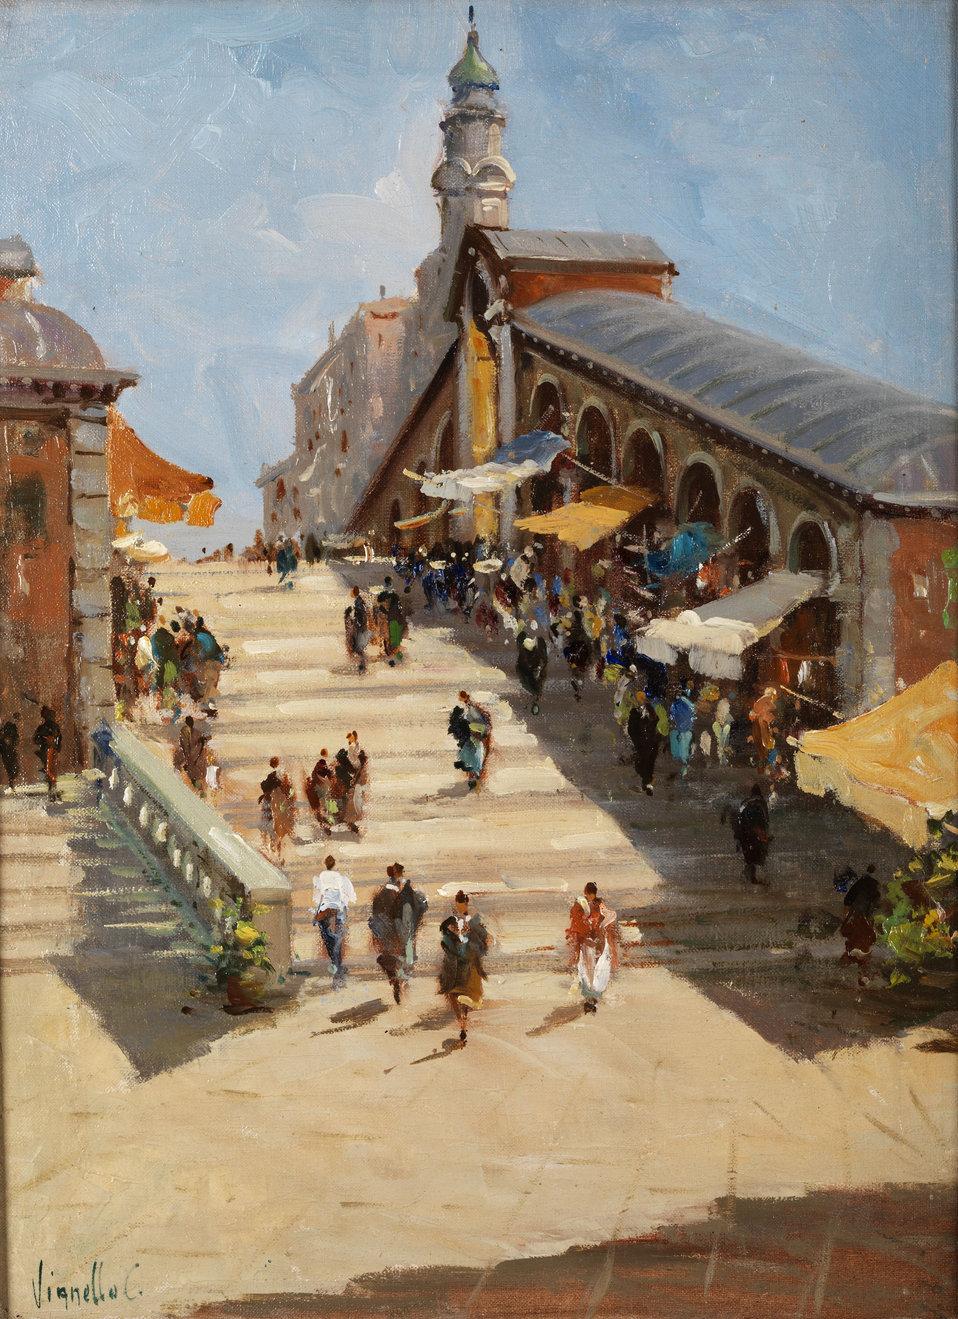 Die Rialtobrücke in Venedig. Öl auf Leinwand. 30,5 x 40,5 cm. Links unten signiert.